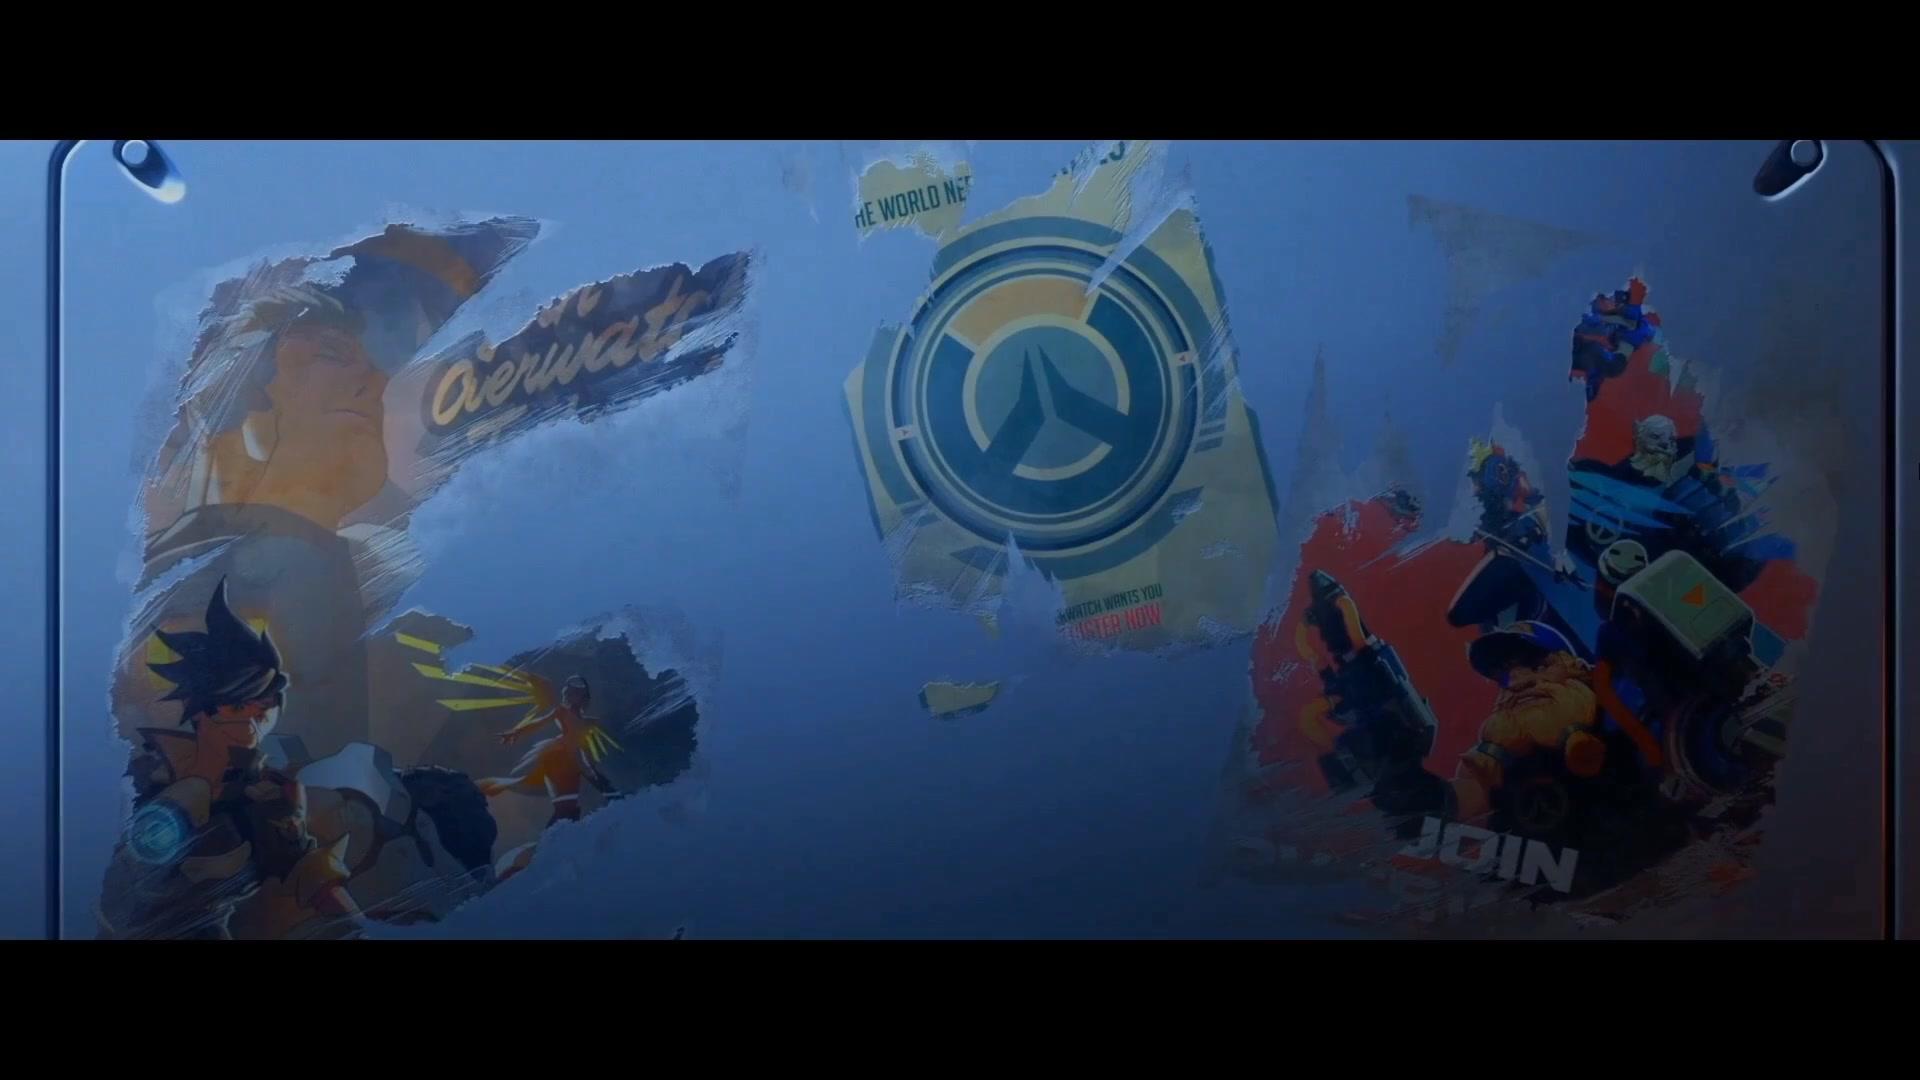 《守望先锋2》动画CG零点行动